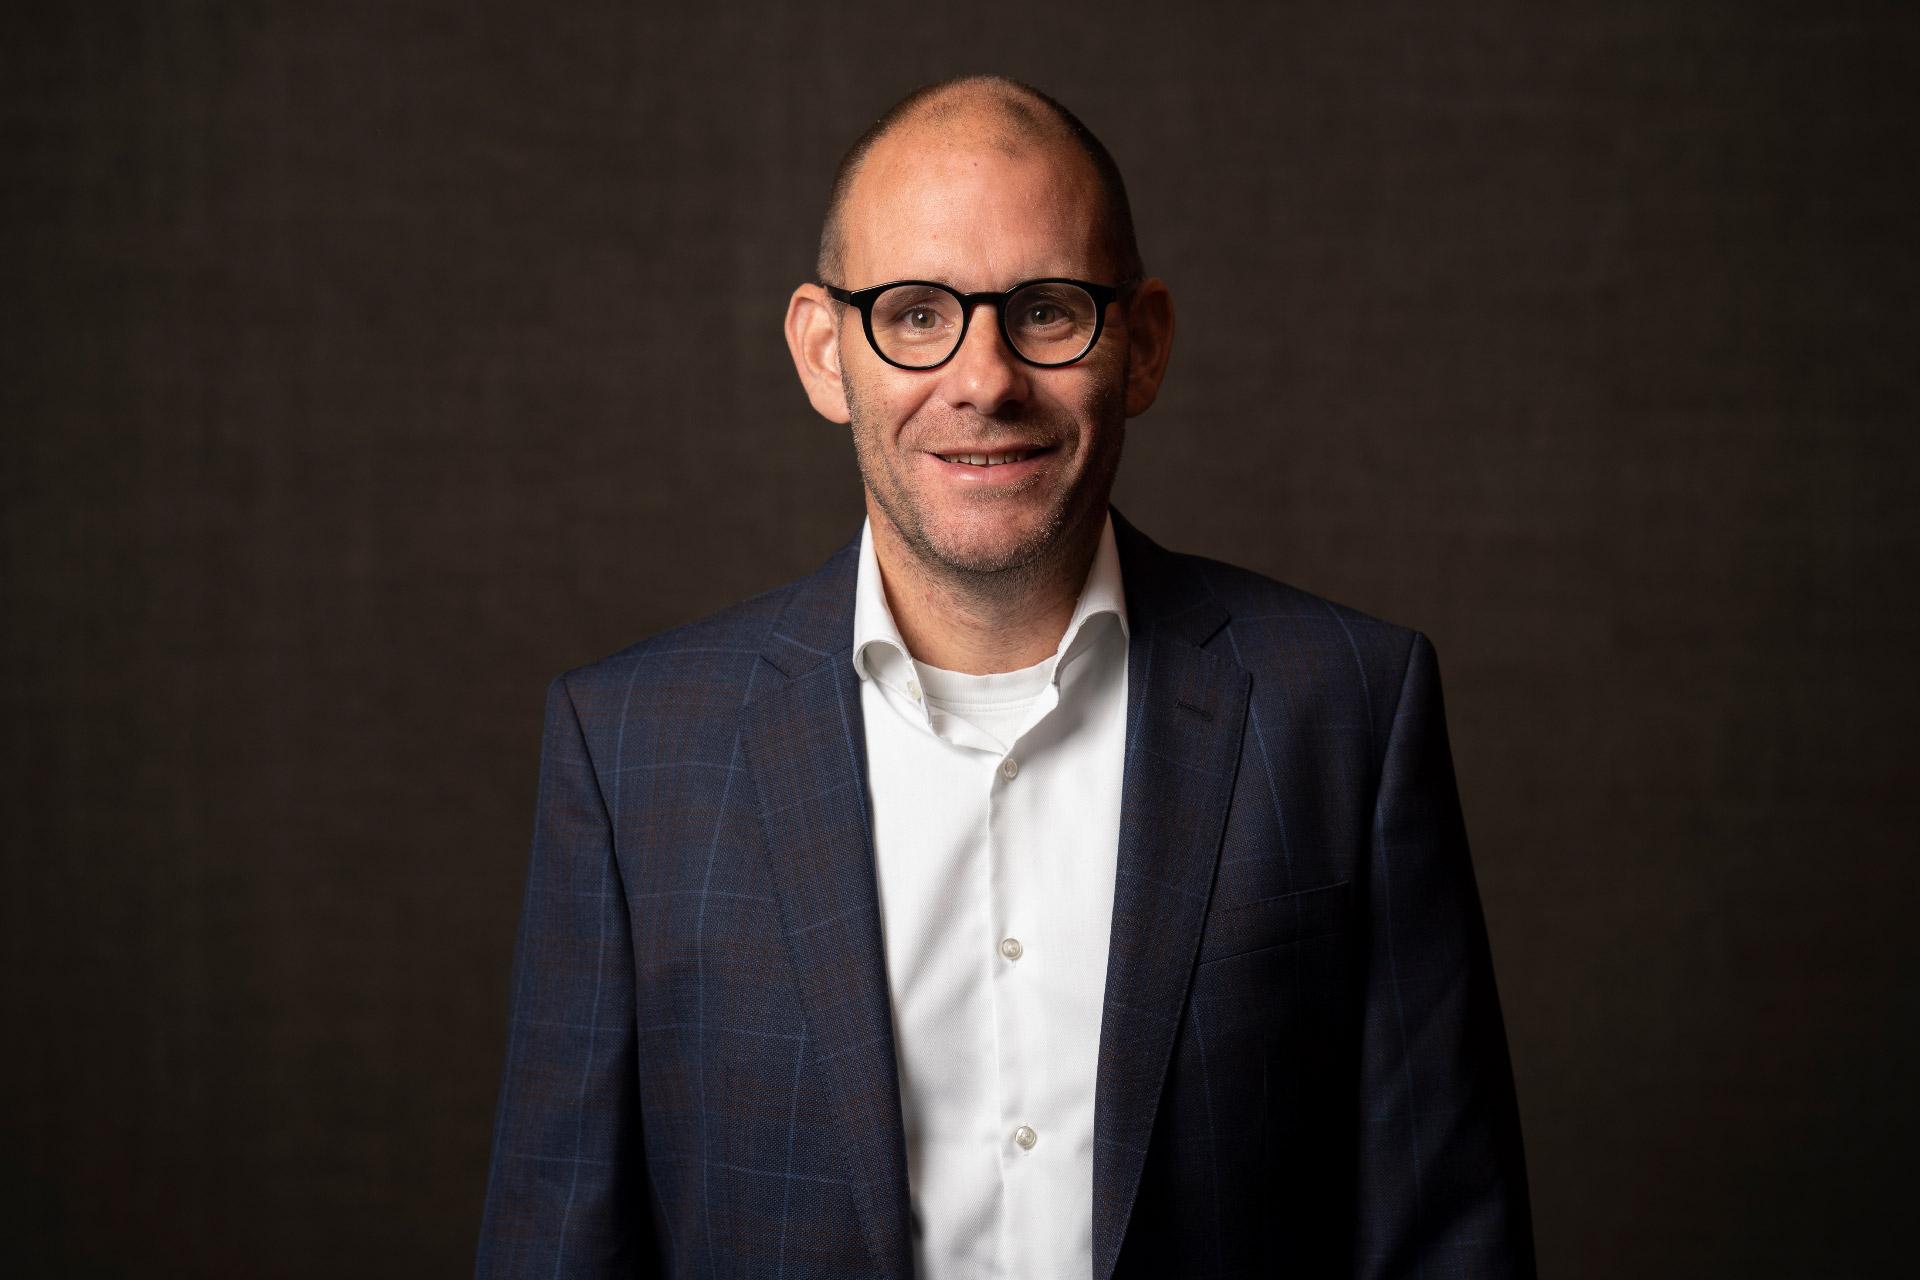 Sven Driessen - Quantitative Portfolio Manager